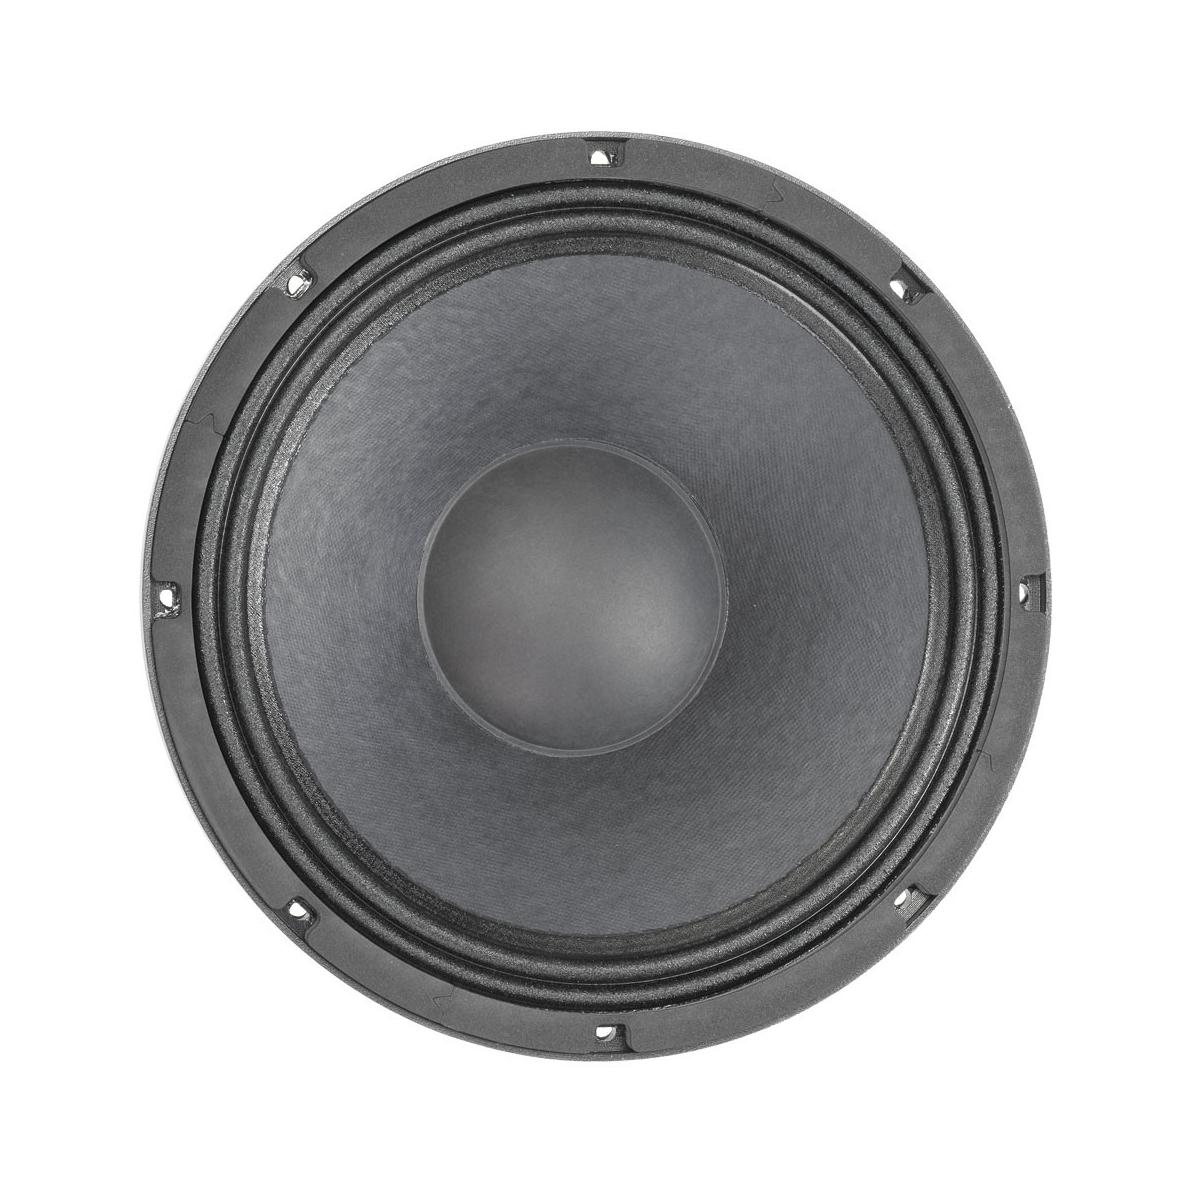 Hauts parleurs basse fréquence - Eminence - Delta Pro 12 A